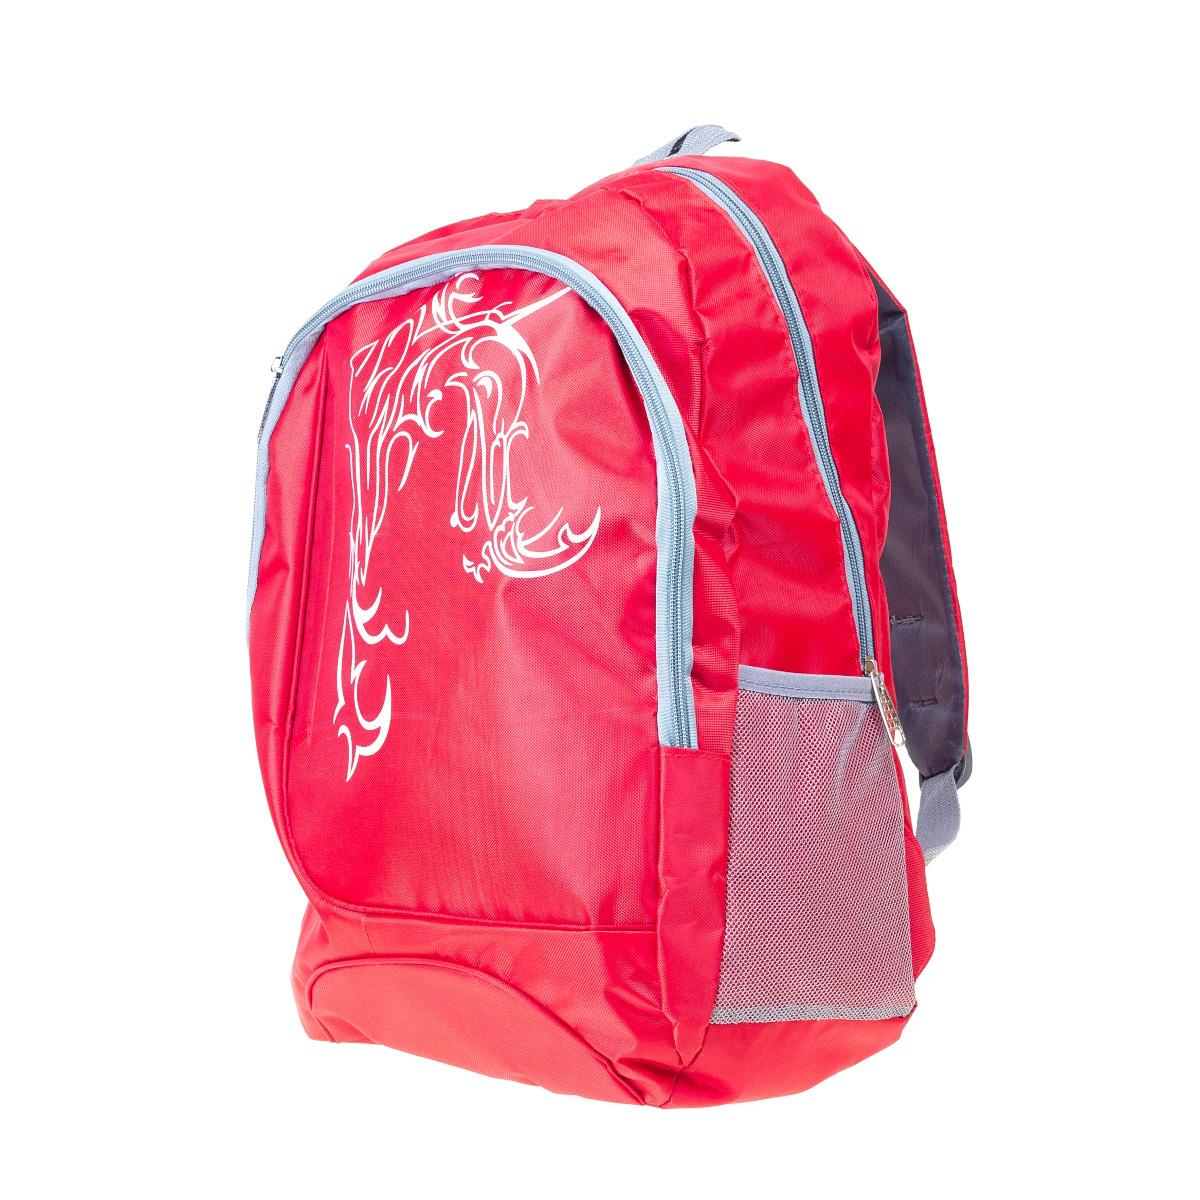 Рюкзак для мальчика HUANGGANG JIAZHI TEXTILE, цвет: красный. 657244-7. Размер 44х30х16 см657244-7